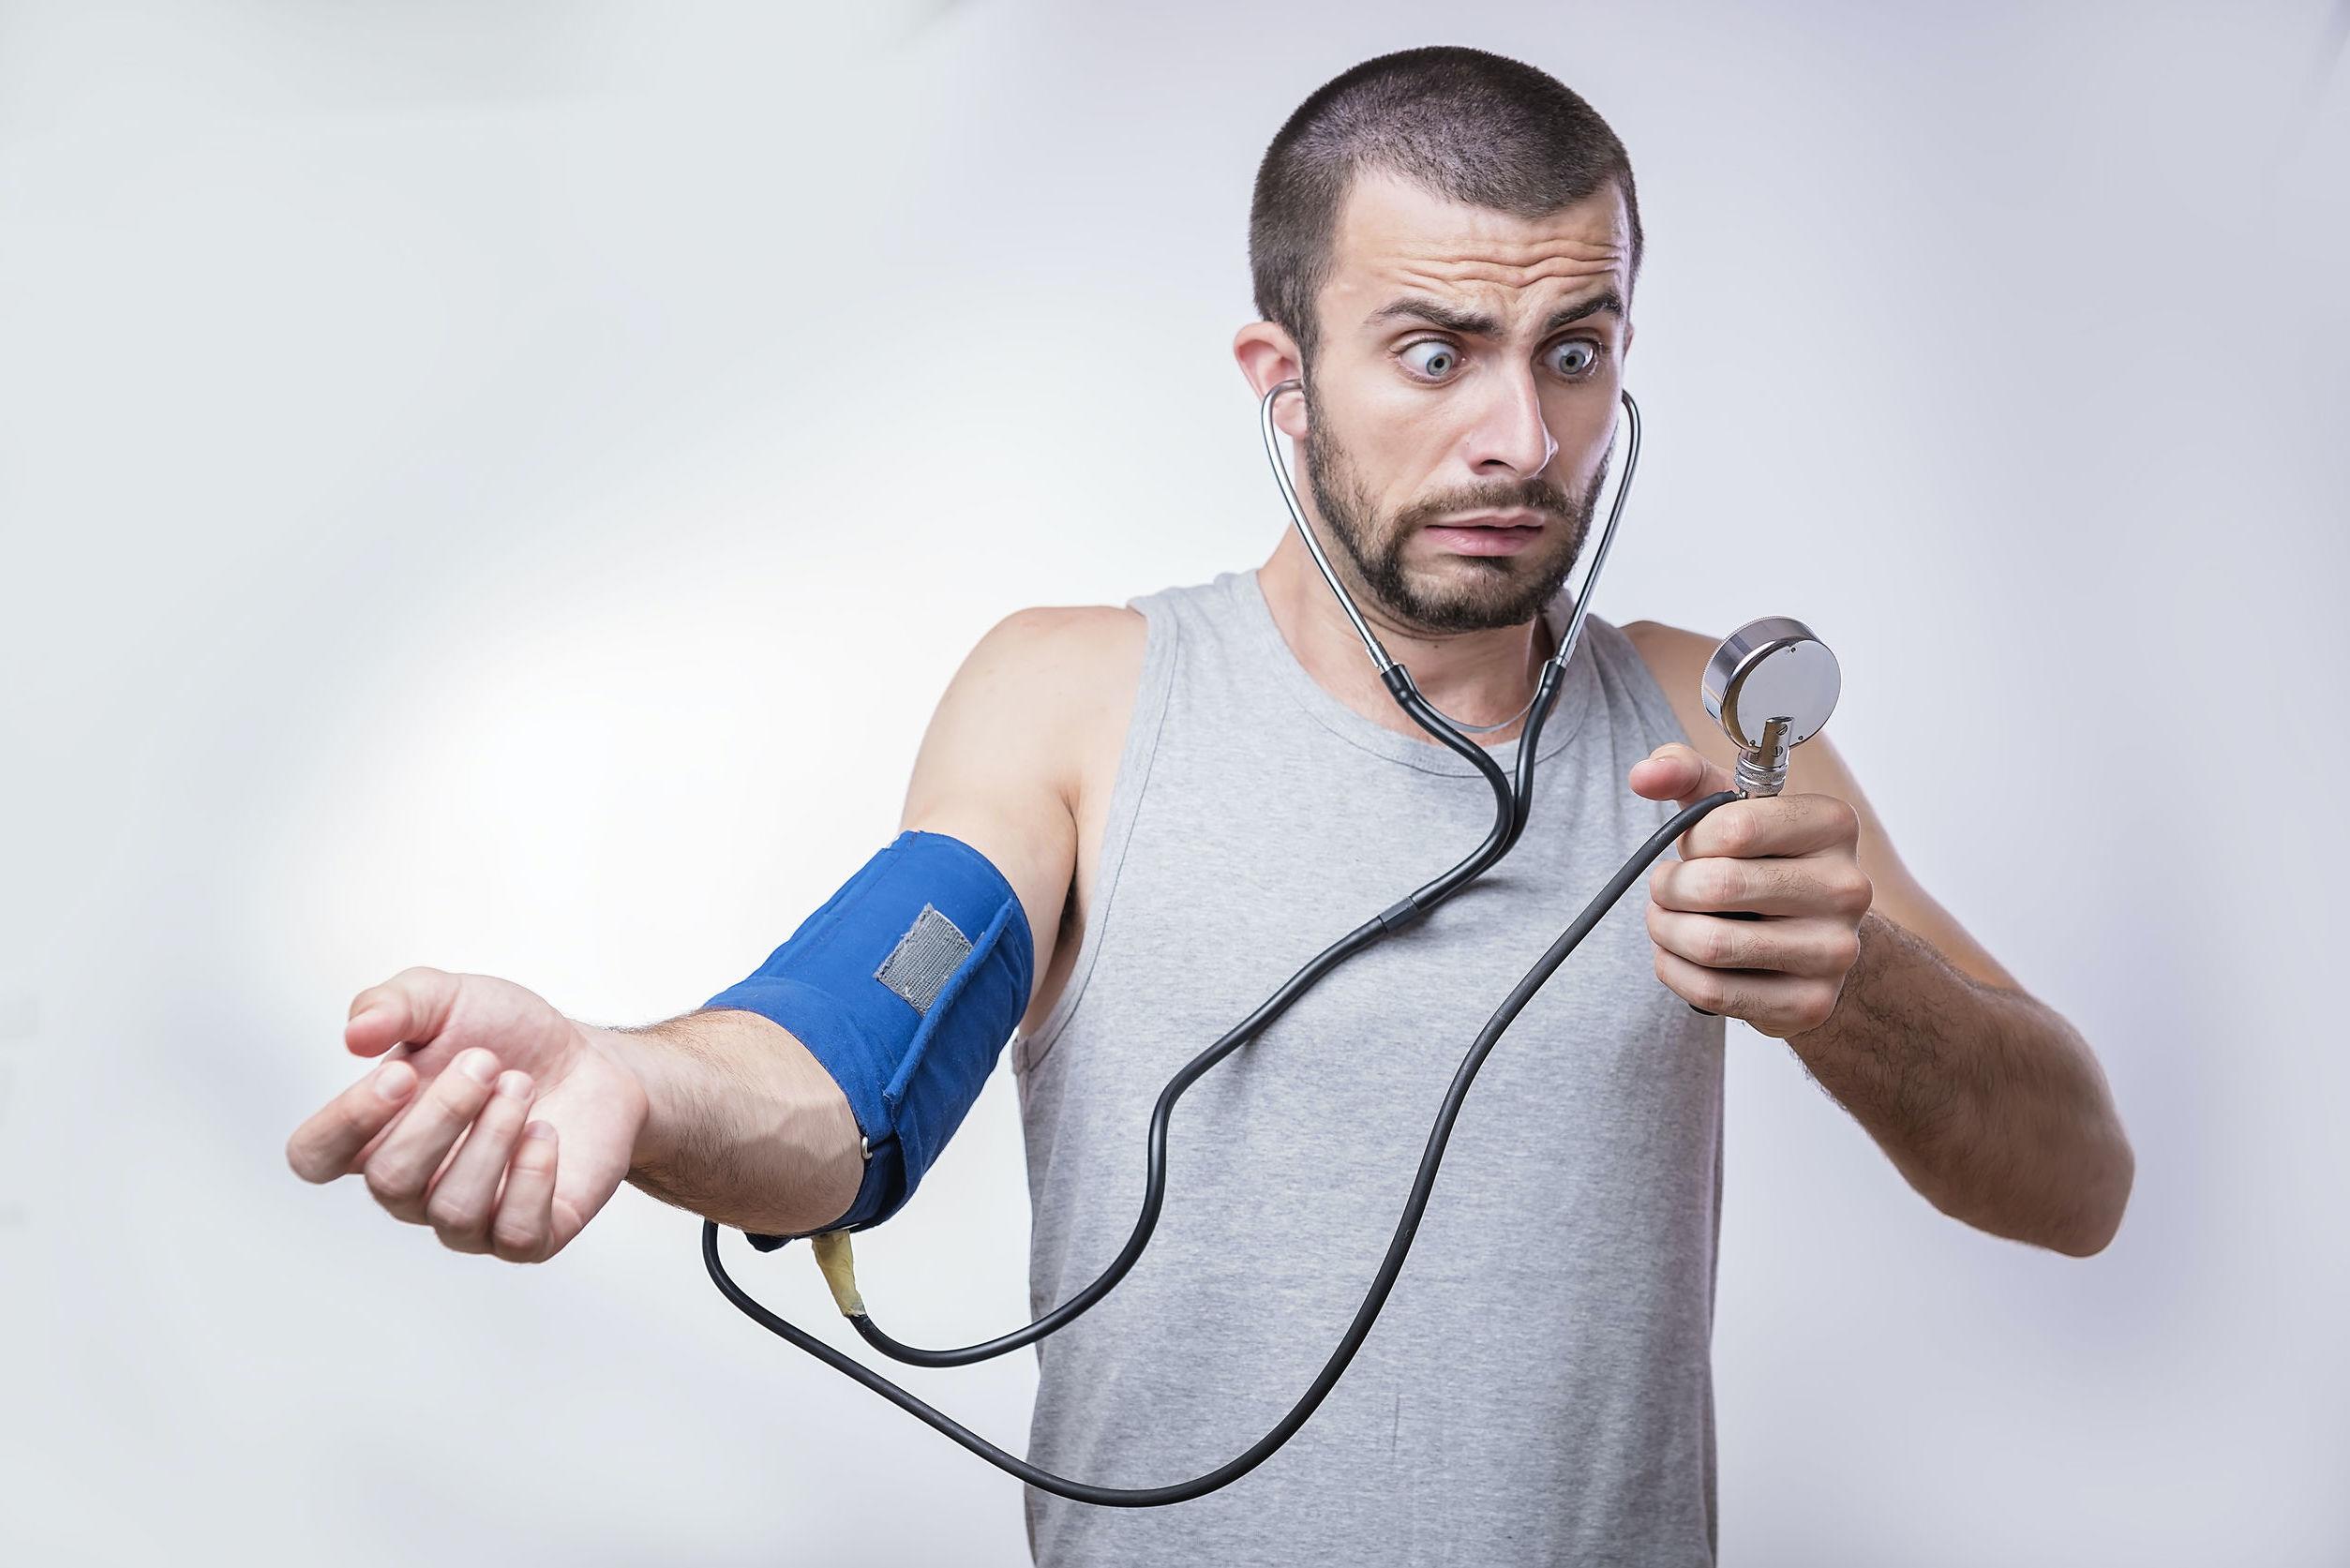 migrén és magas vérnyomás kezelése magas vérnyomású búvárkodás